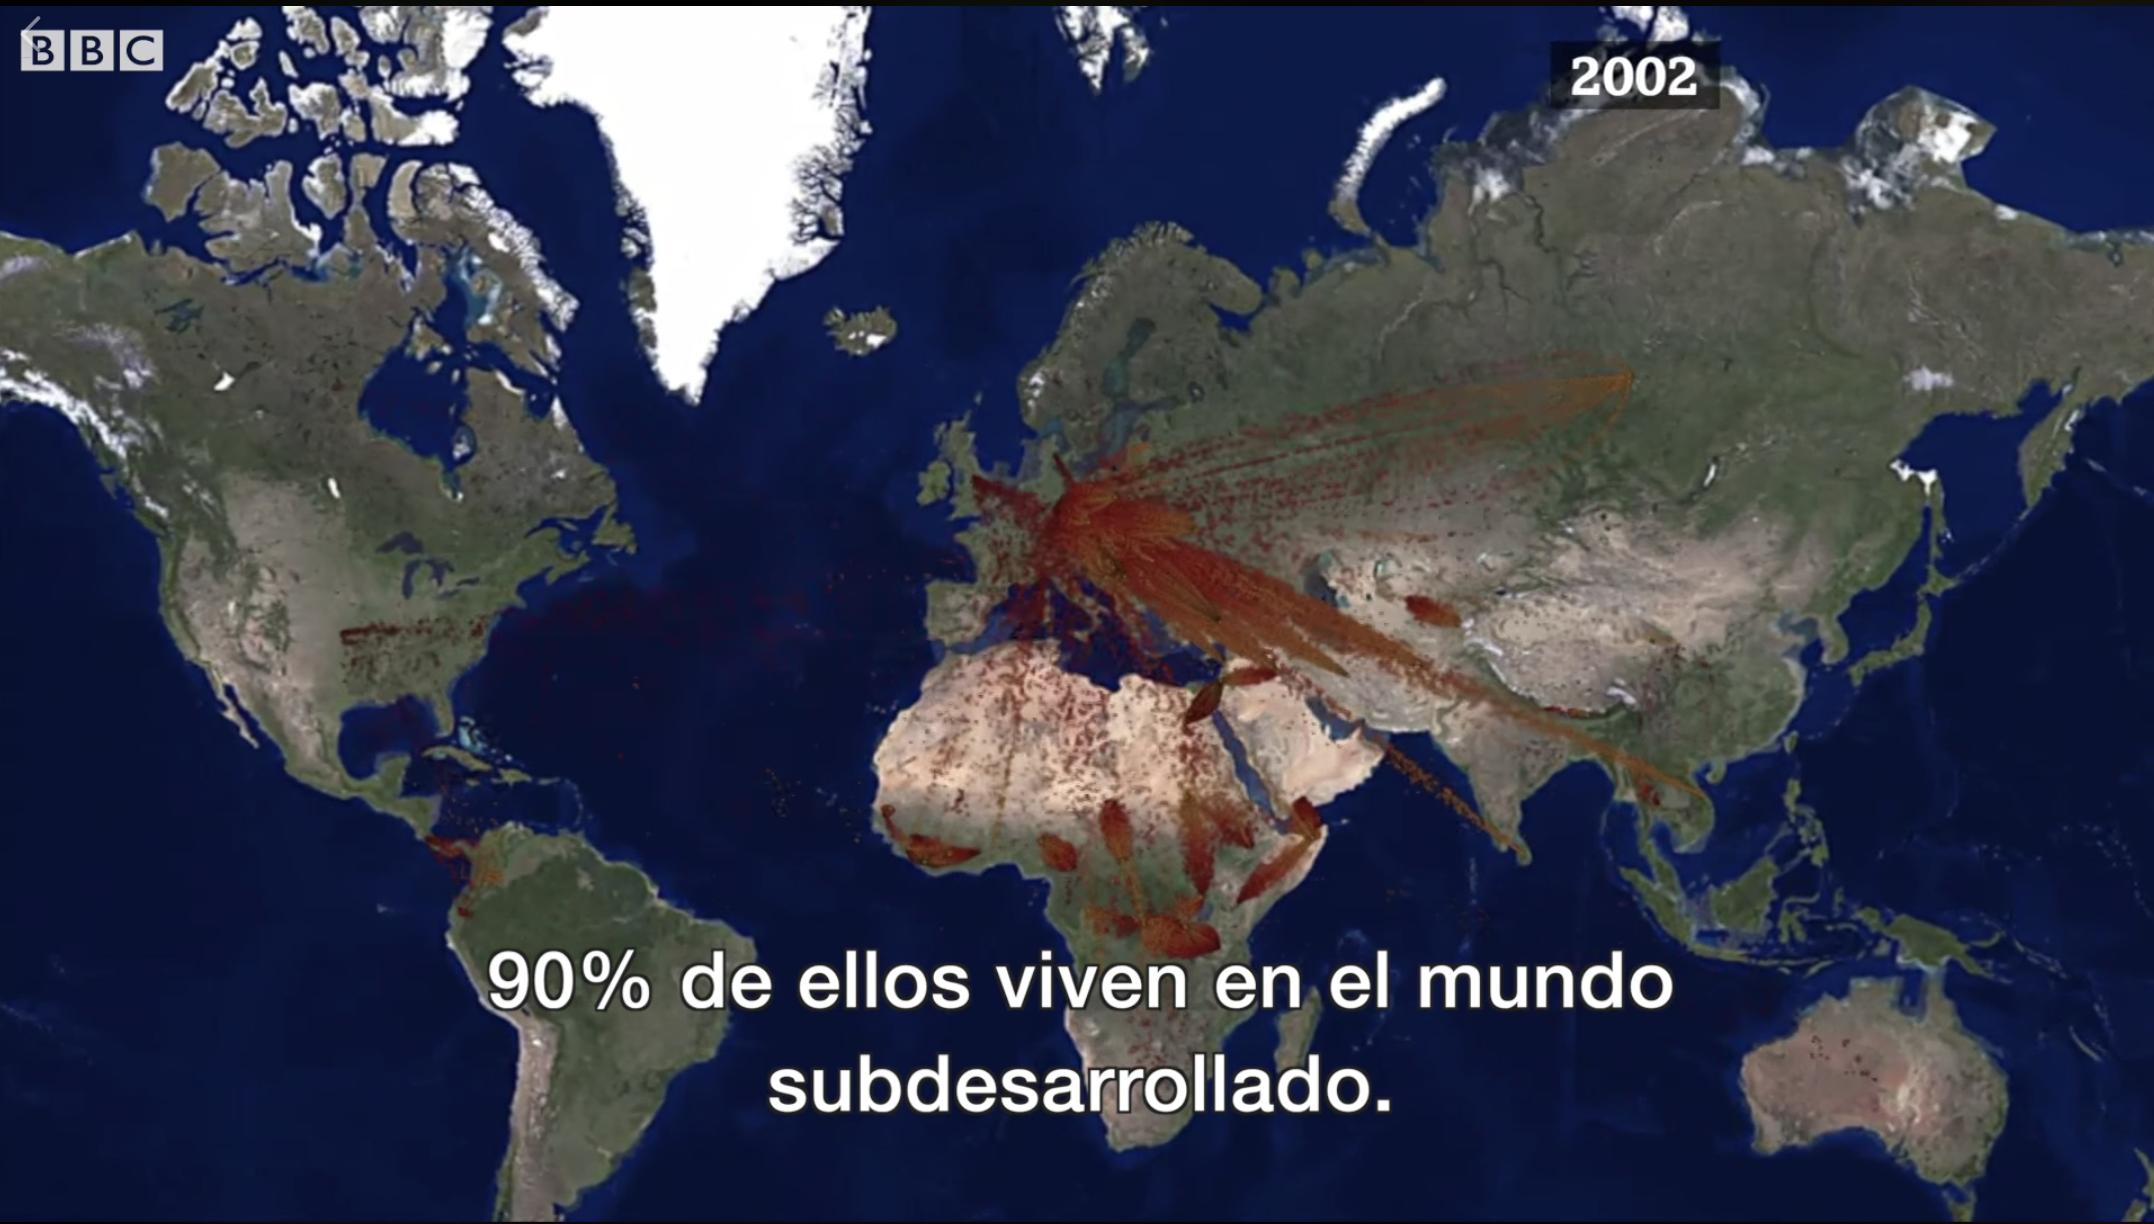 (2) Flujo de migraciones de refugiados en 2002, extracto de video (2018) ©Robert Muggah para BBC News